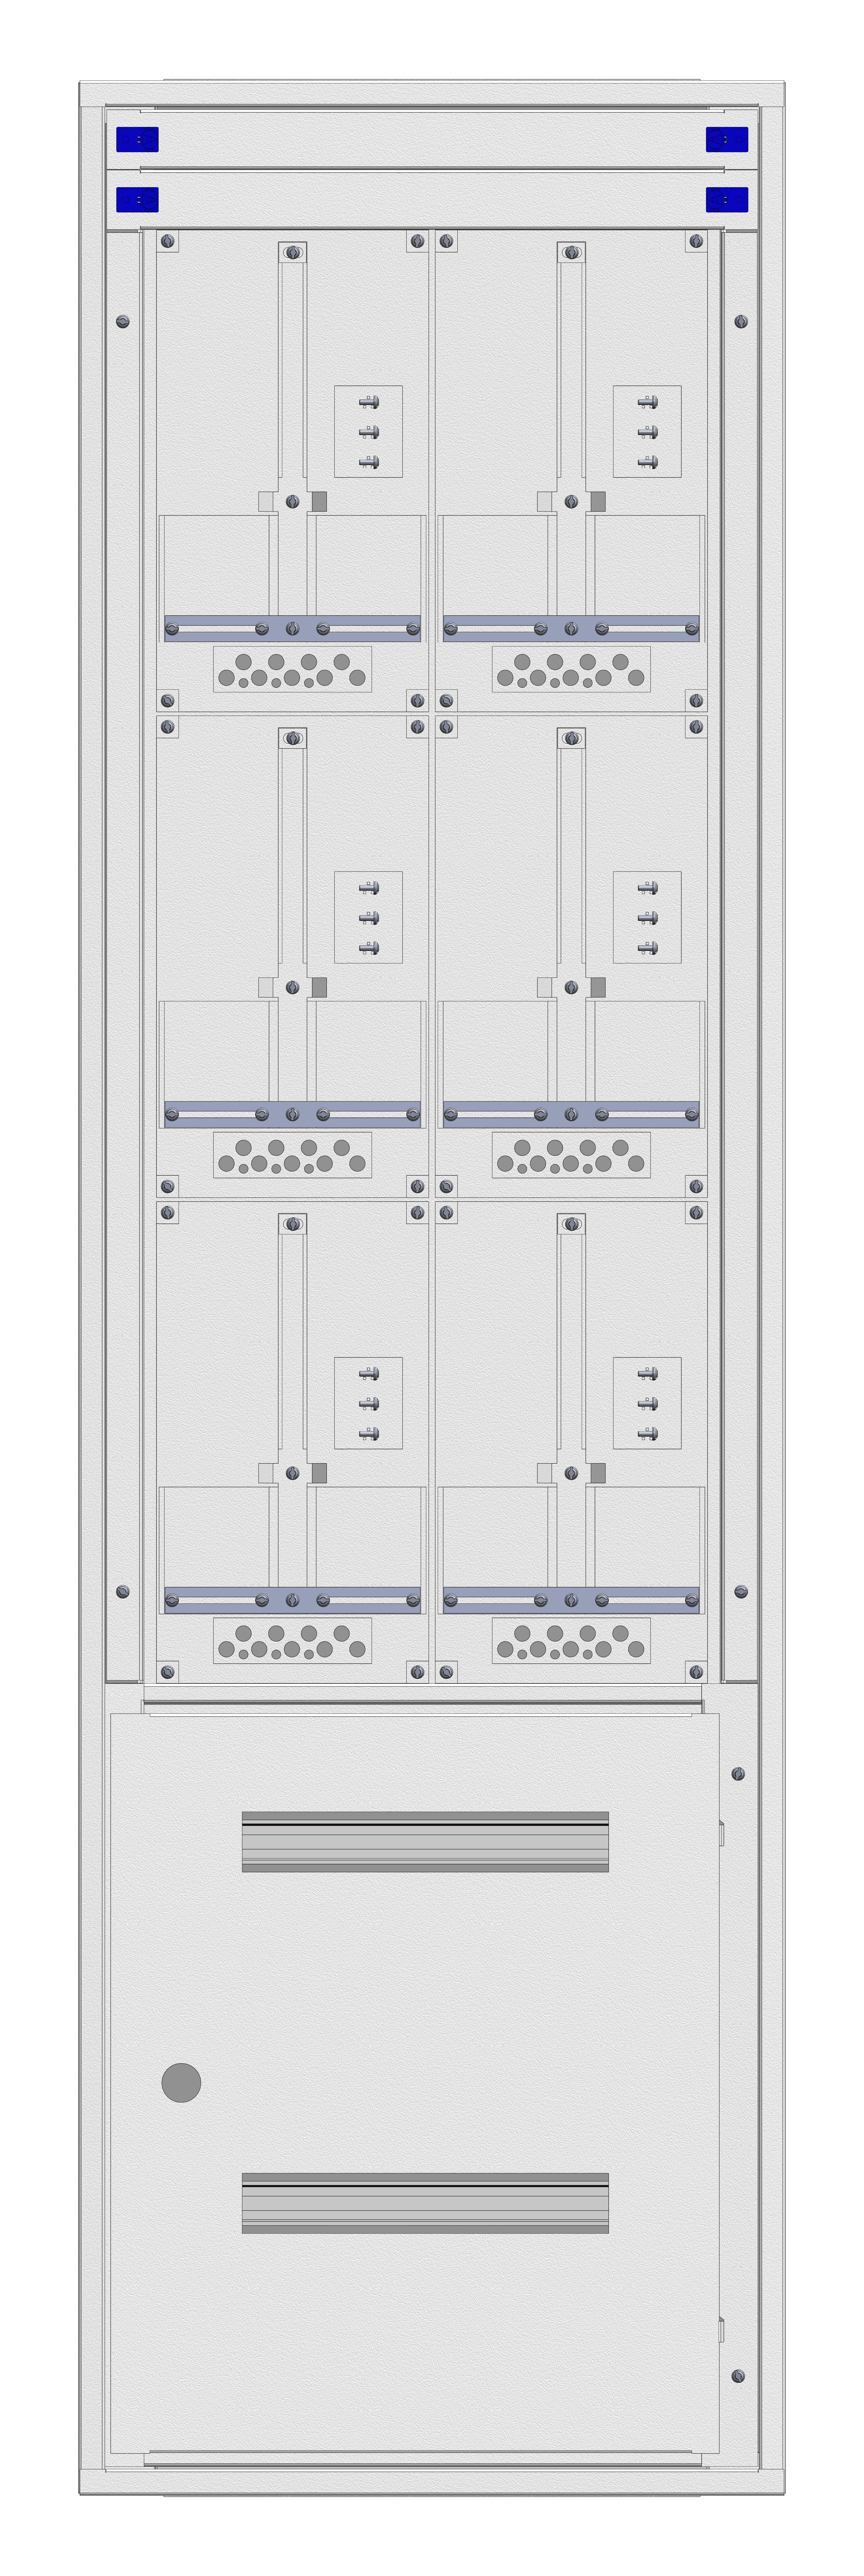 1 Stk Aufputz-Zählerverteiler 2A-39M/STMK 6ZP, H1885B590T250mm IL168239GS